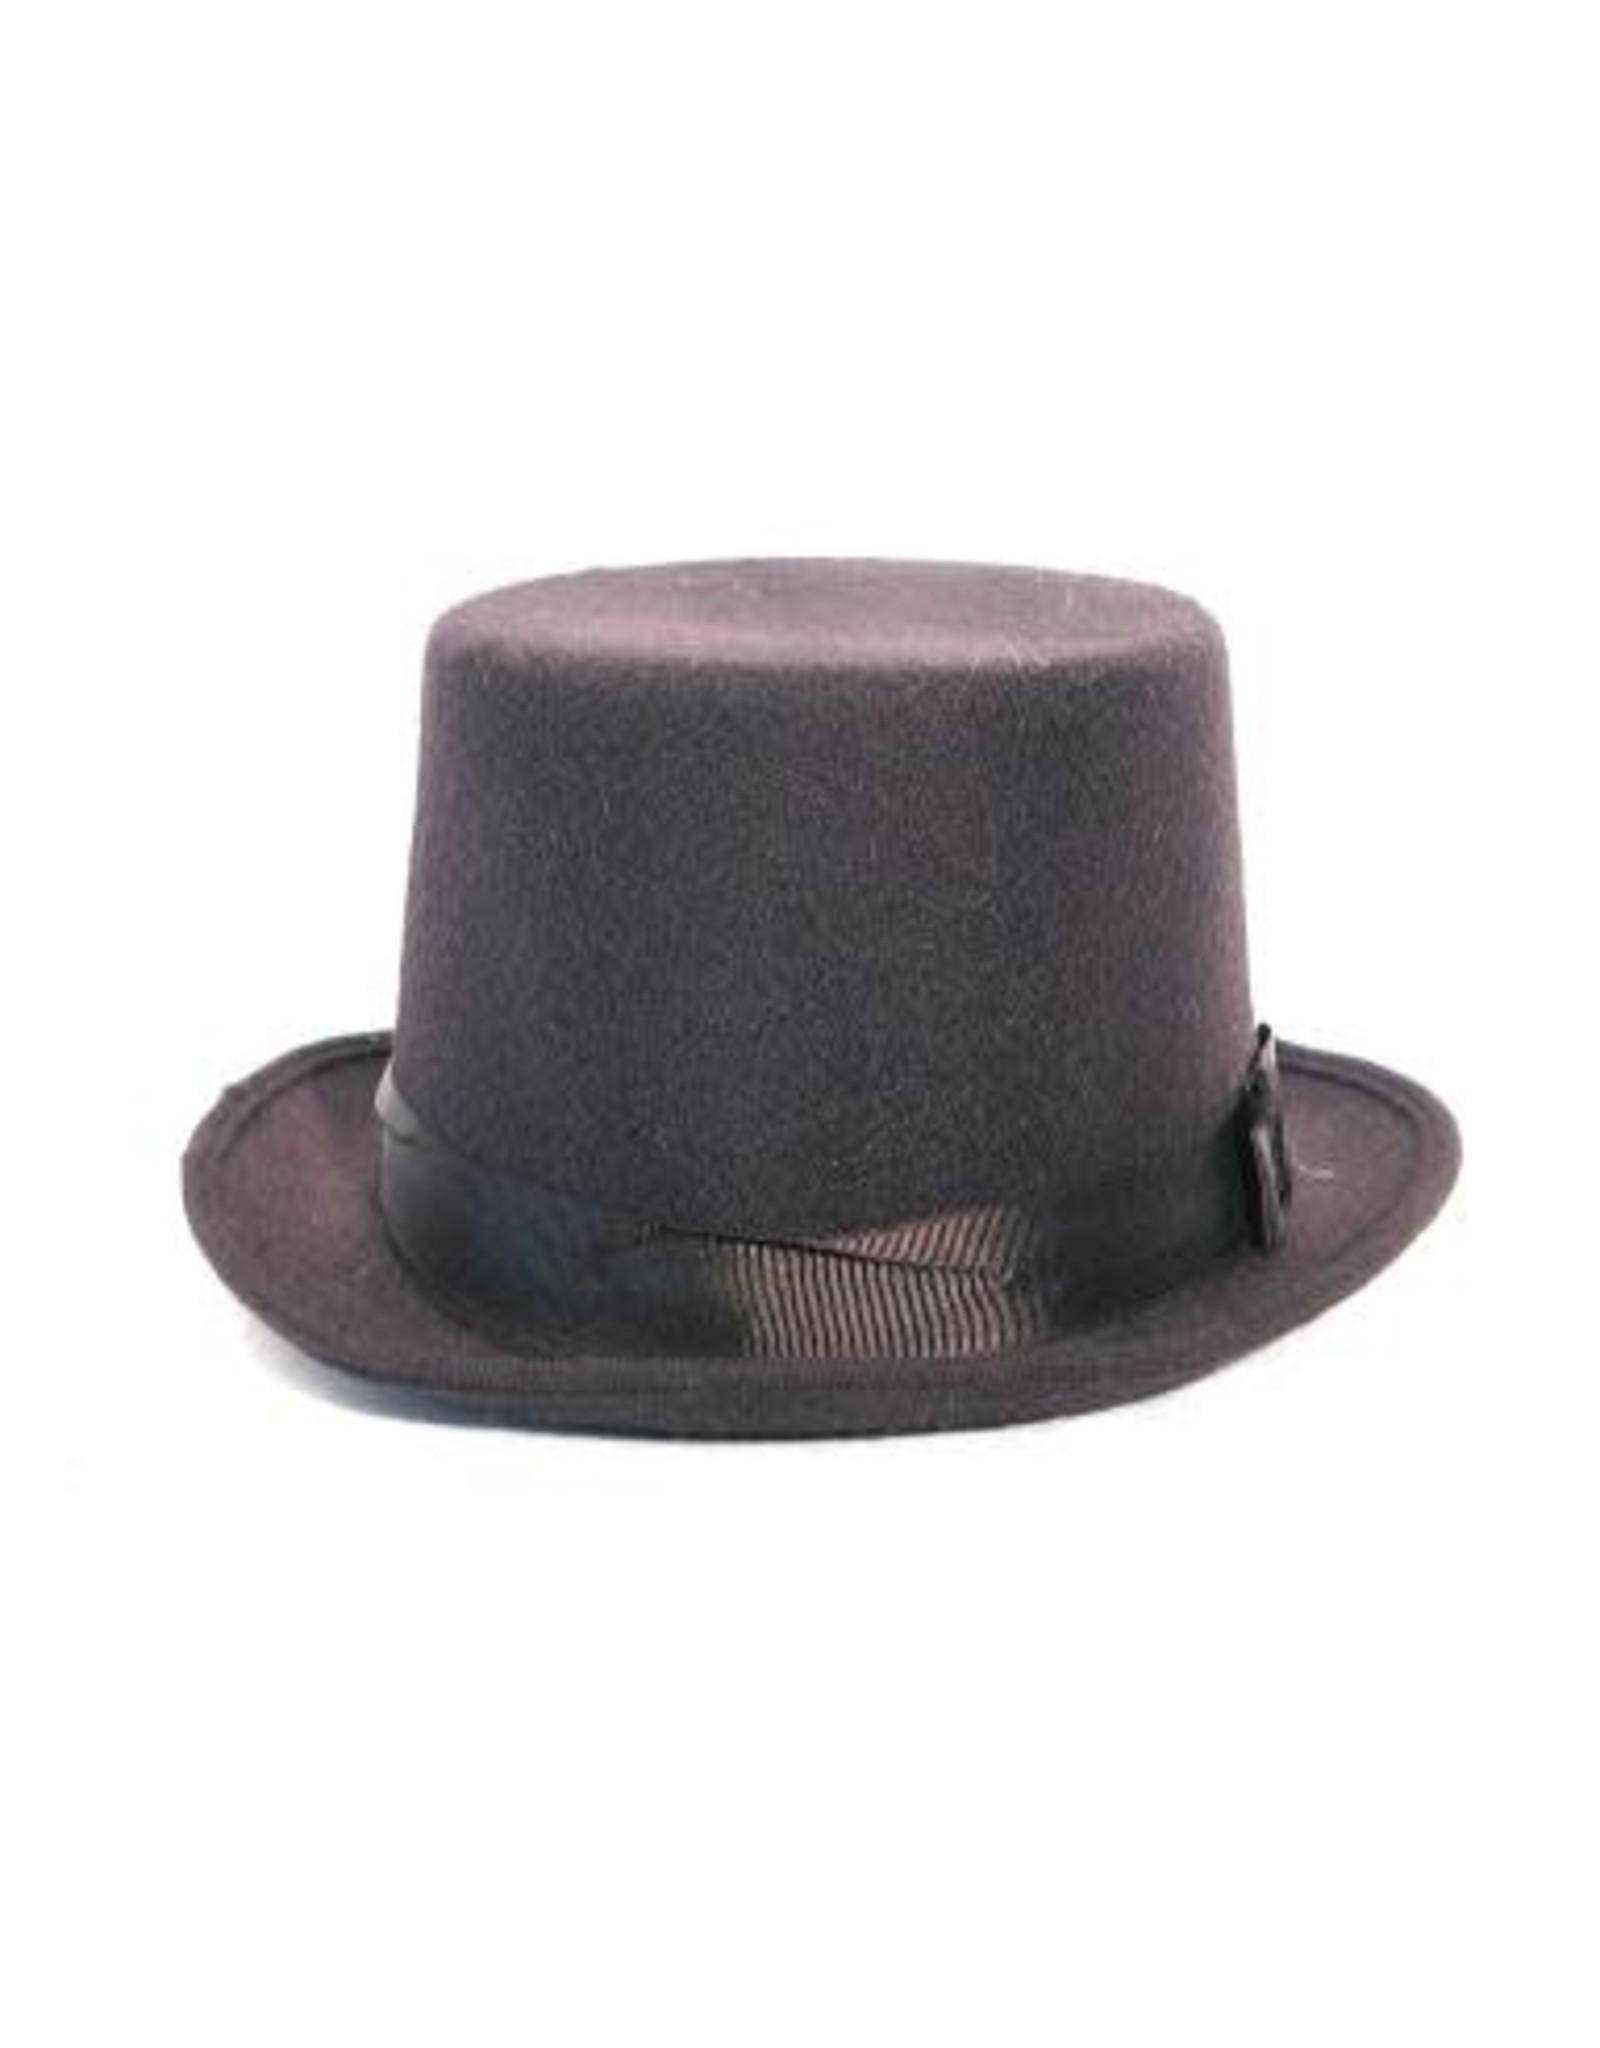 HM Smallwares Simwool Top Hat